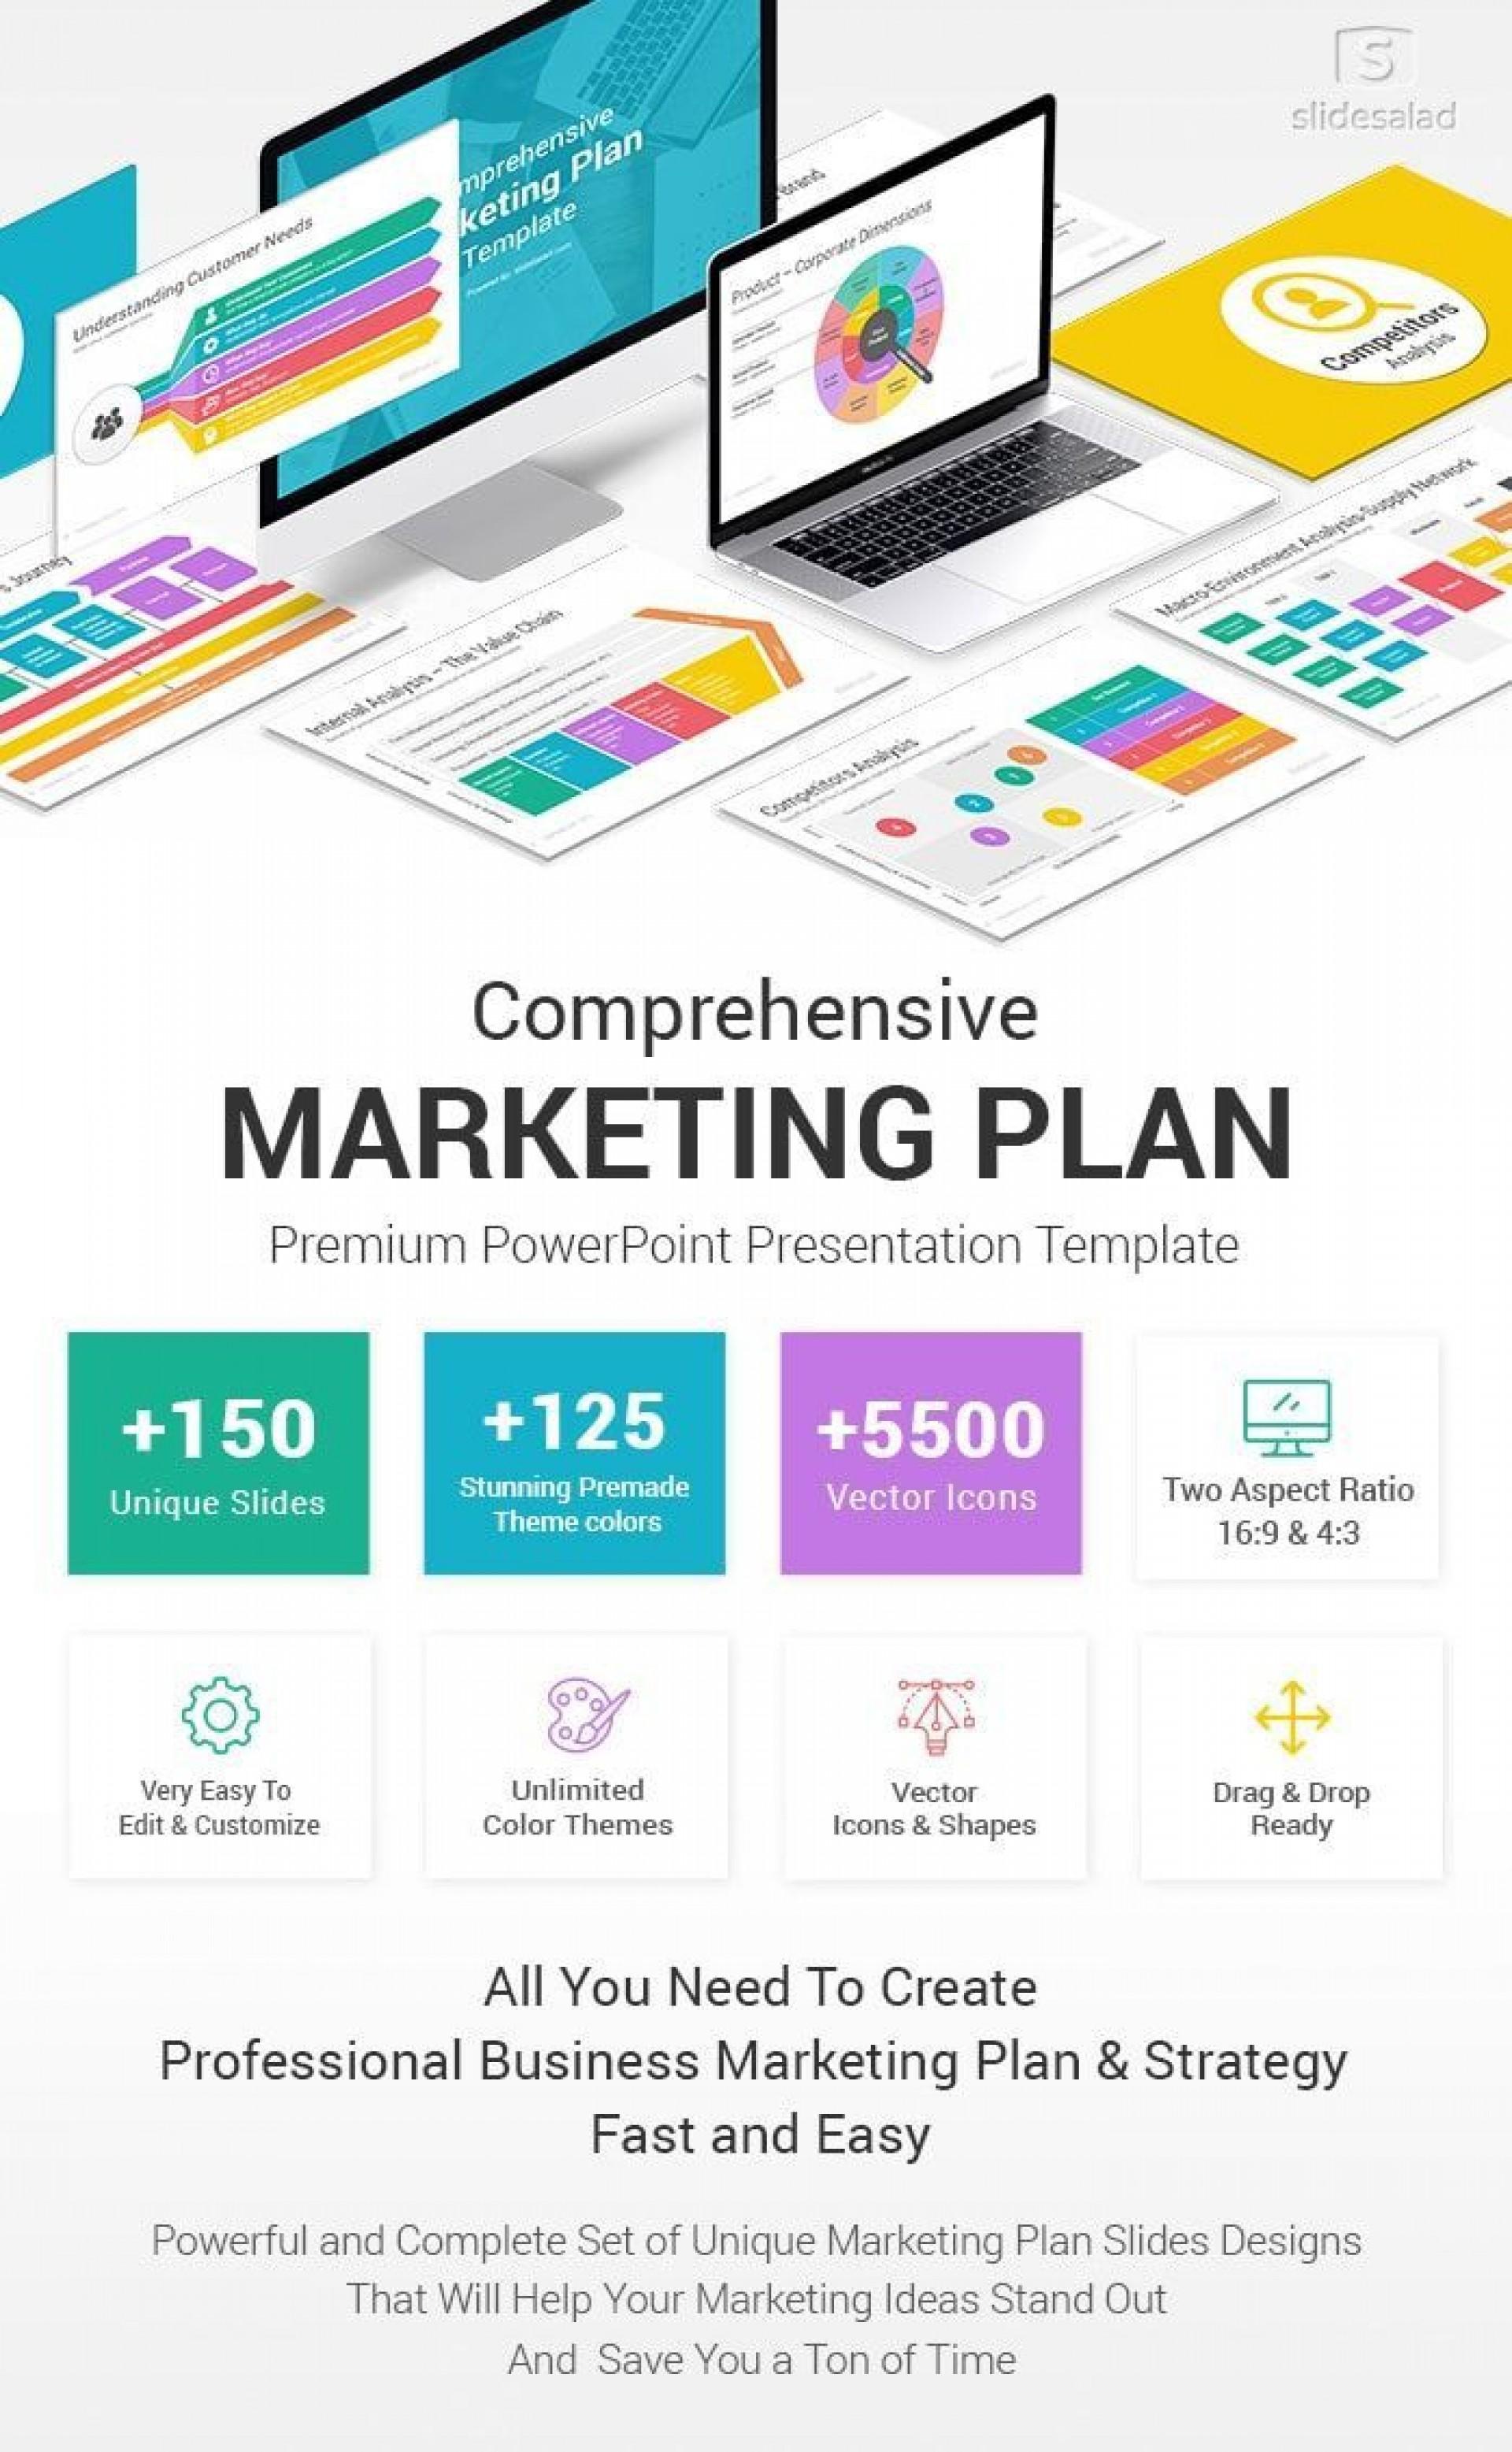 001 Singular Digital Marketing Plan Example Ppt Idea 1920